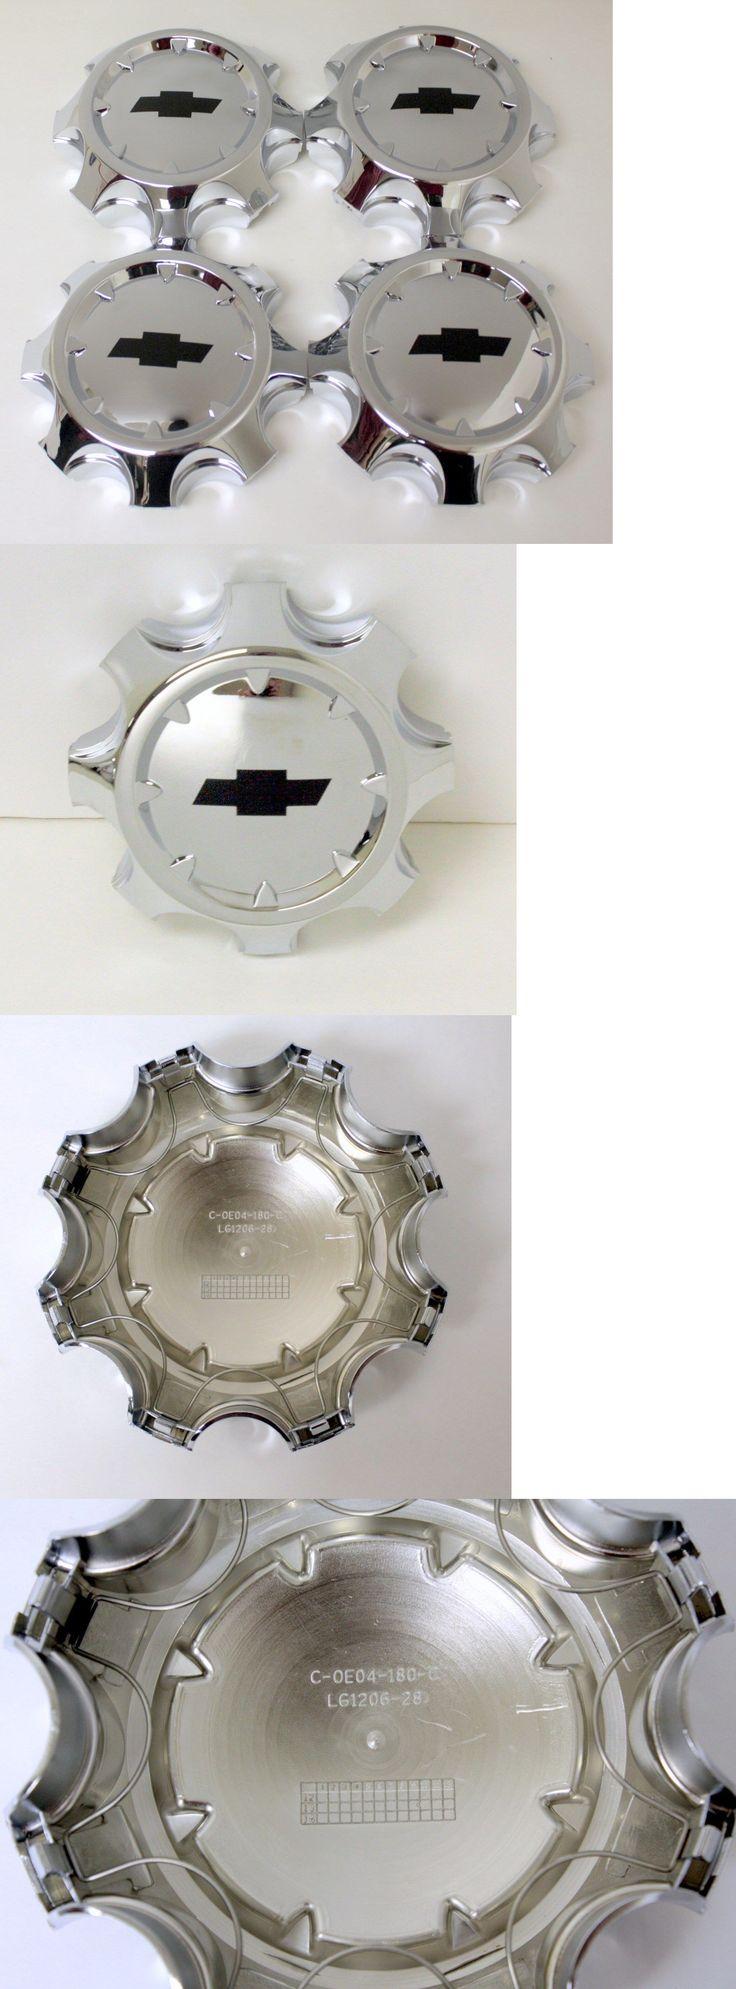 Auto parts general set of 4 chrome 2011 2016 chevy silverado 2500 center